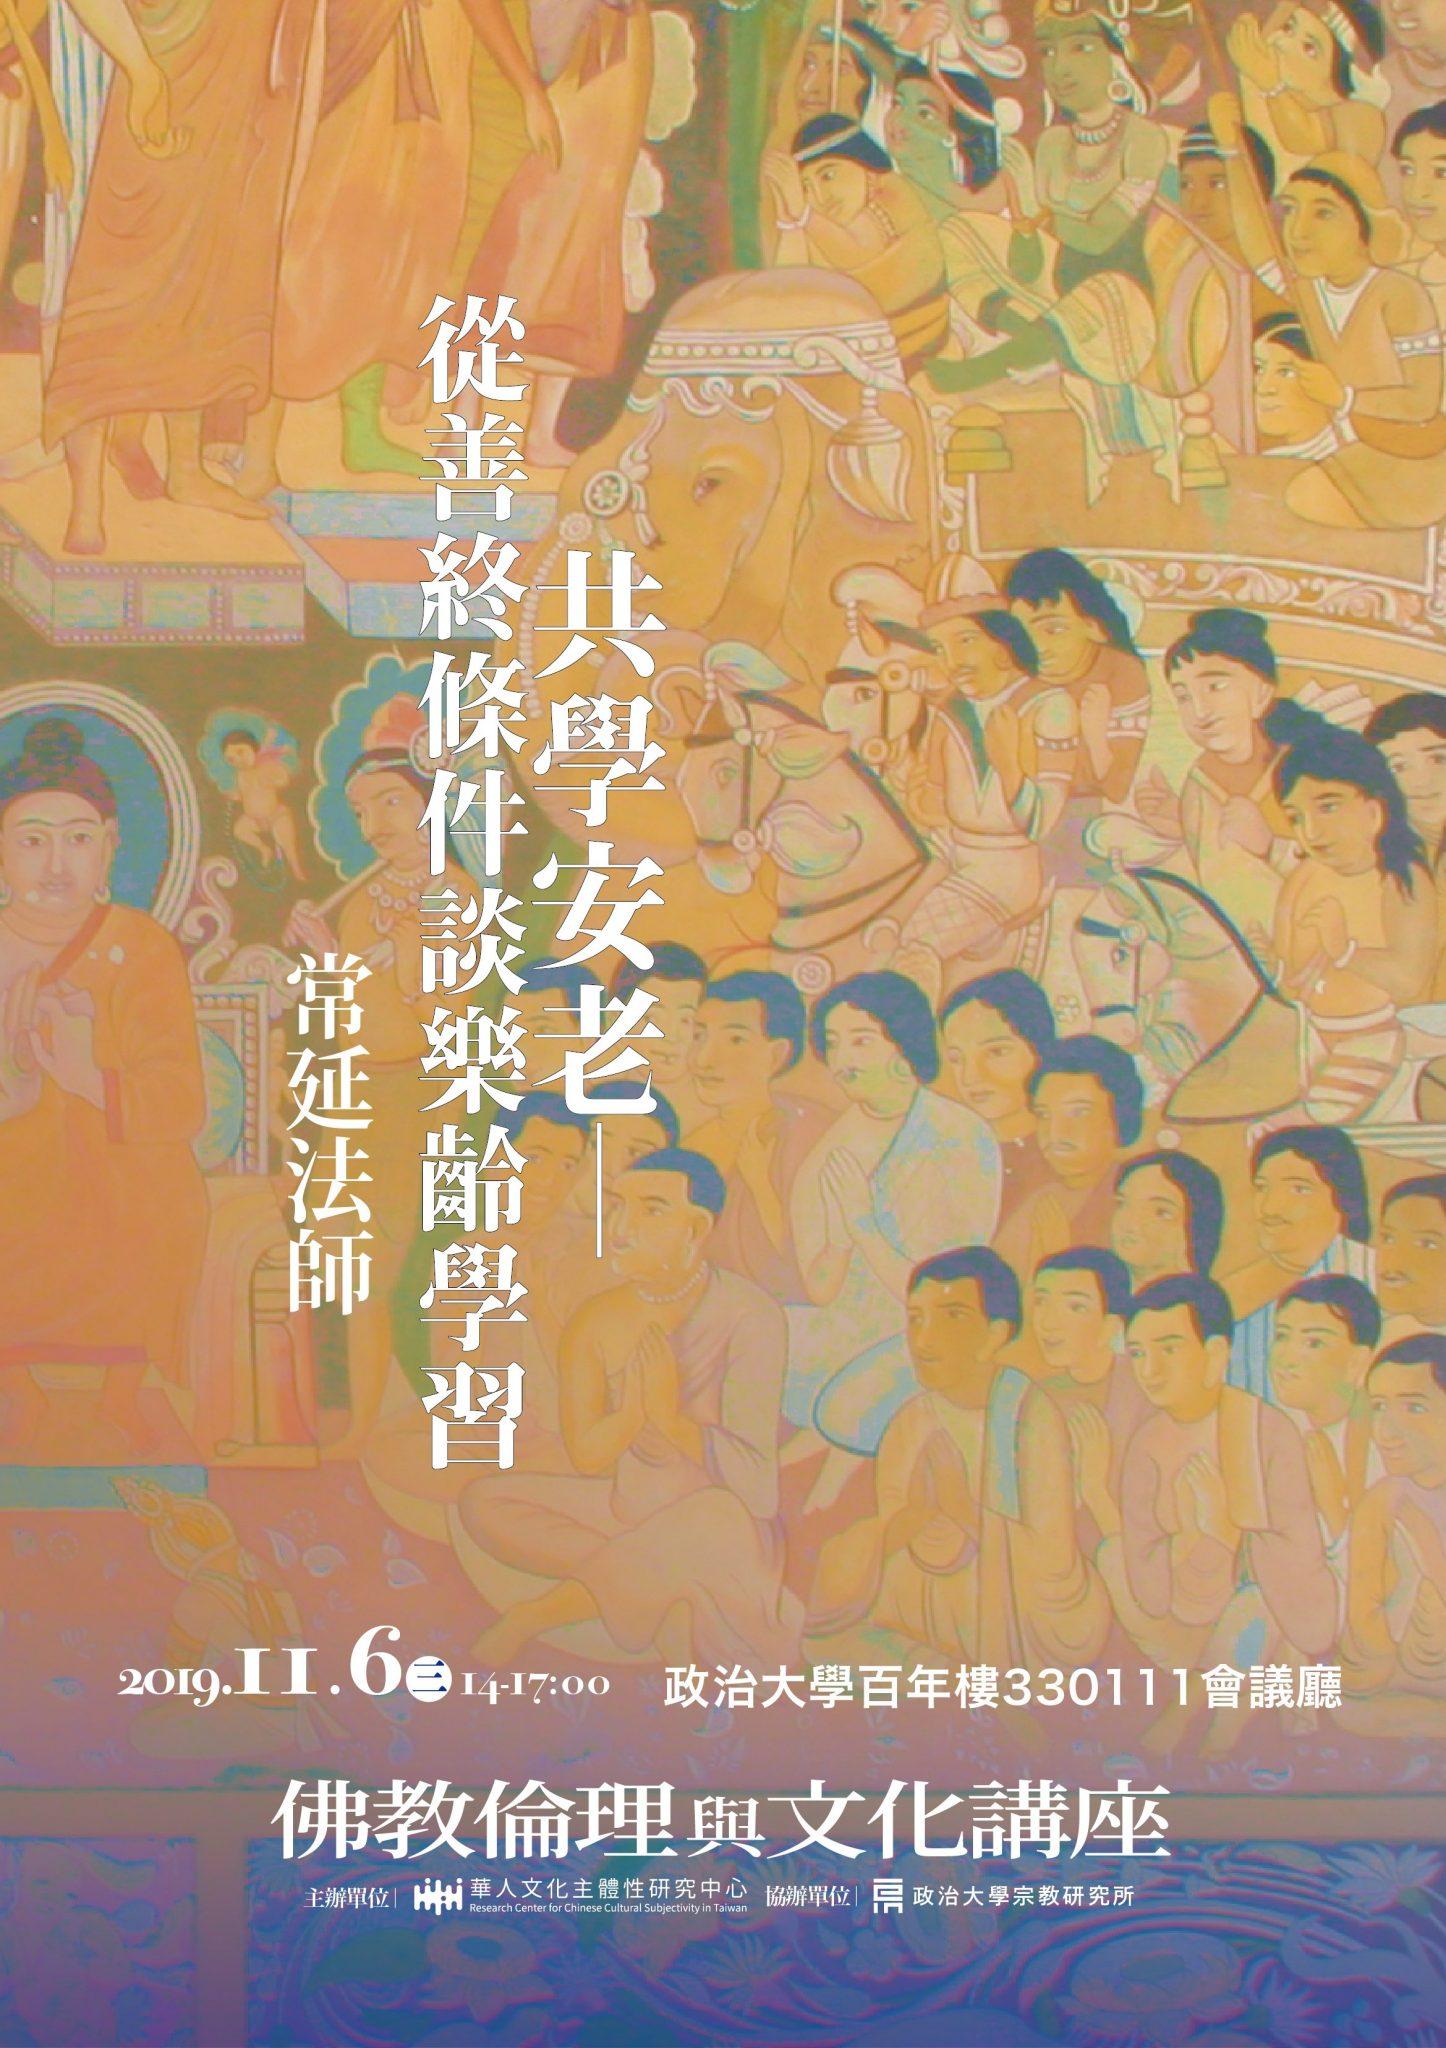 【佛教倫理與文化講座系列】共學安老—從善終條件談樂齡學習